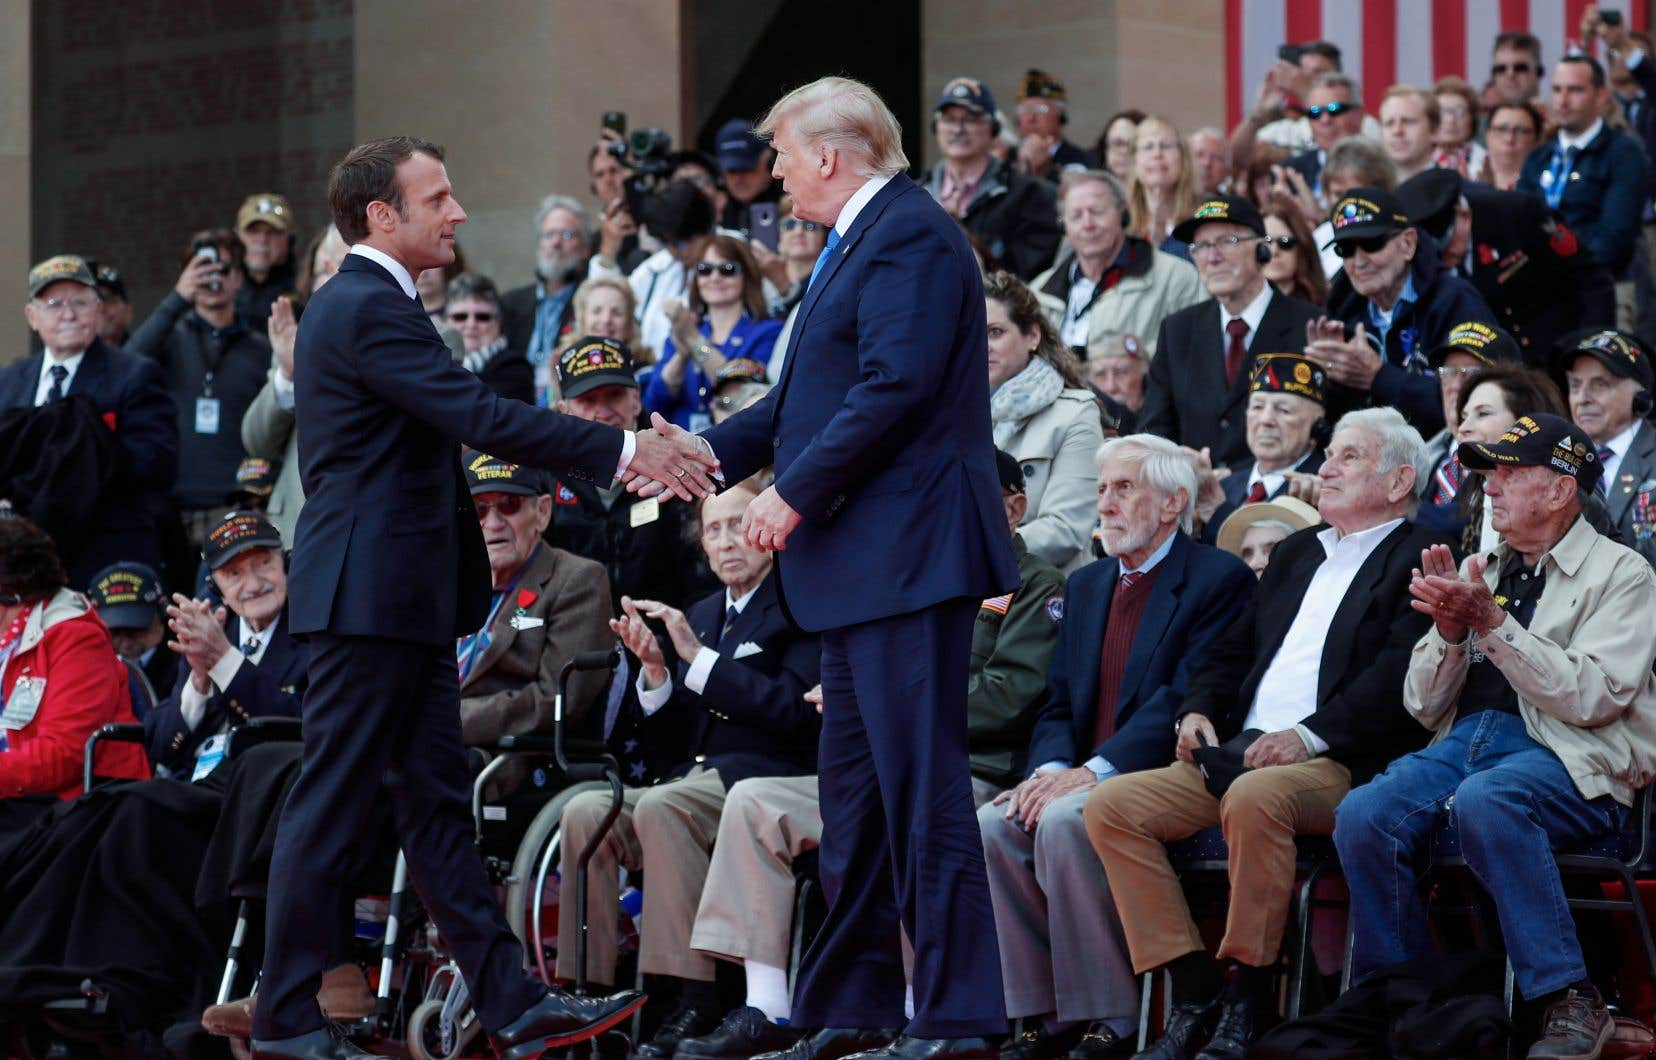 Emmanuel Macron et Donald Trump ont évoqué chacun à leur manière la mémoire de cette journée décisive où se joua le sort de l'Europe.